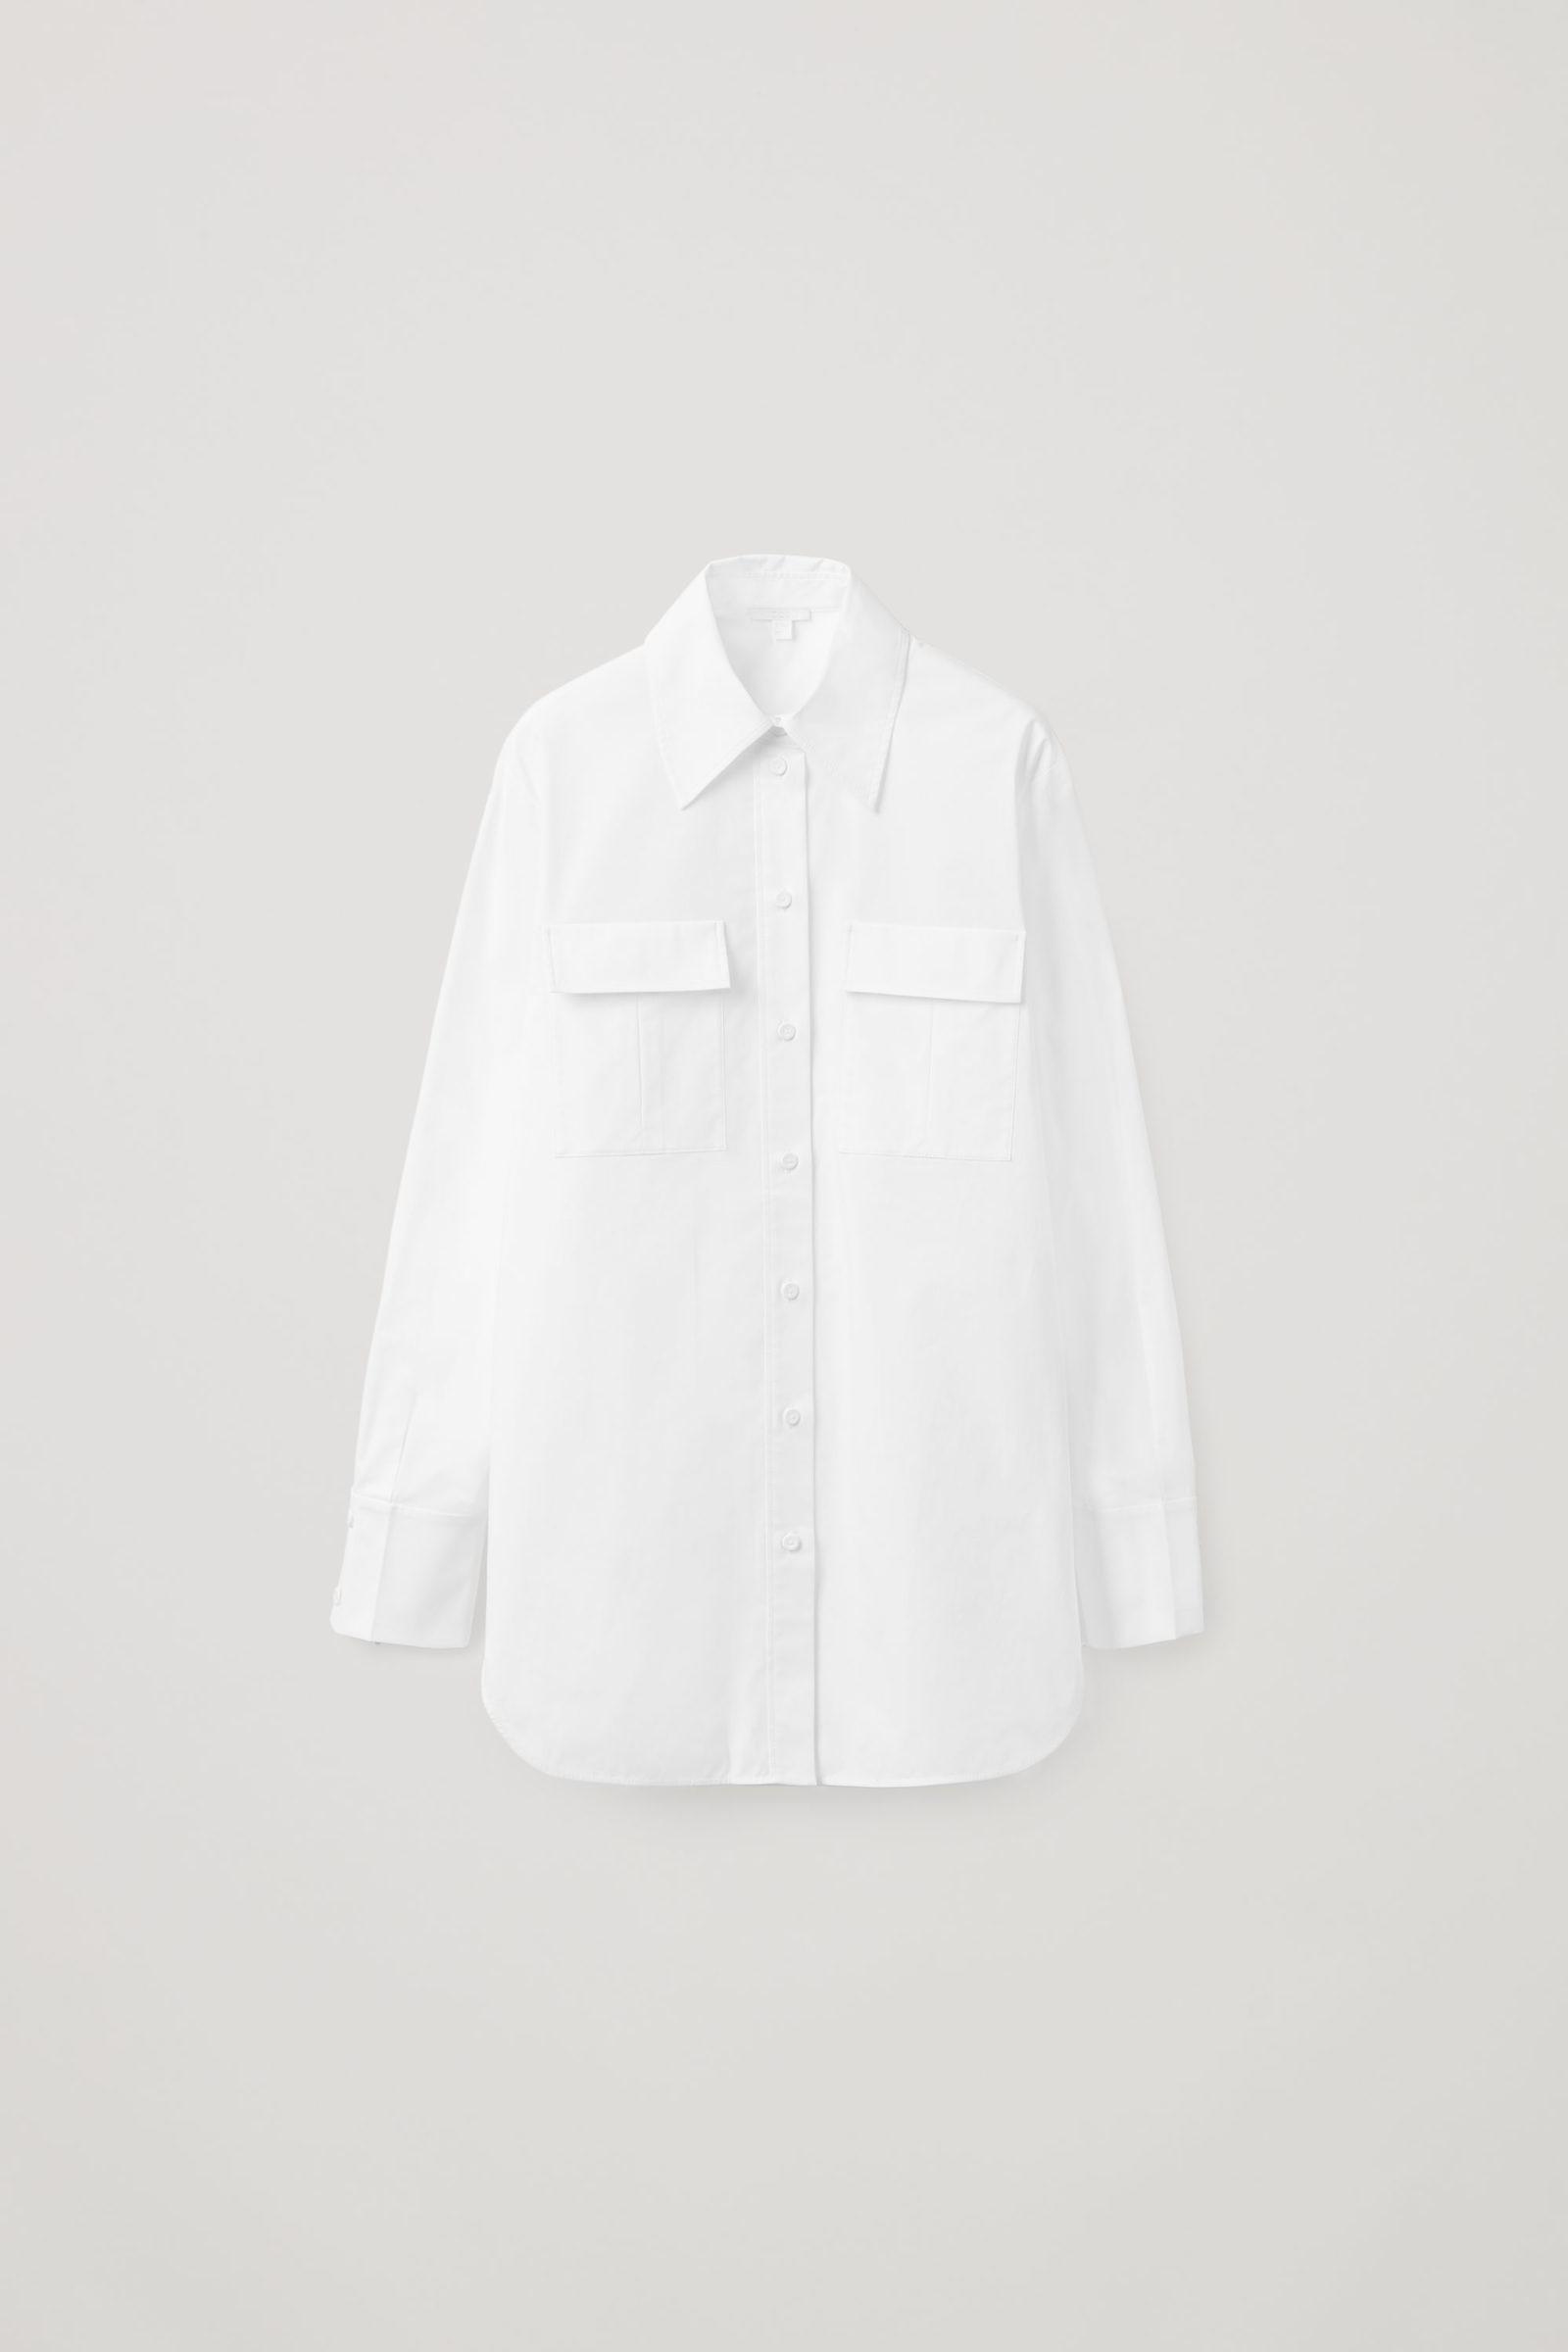 COS 레귤러 핏 유틸리티 셔츠의 화이트컬러 Product입니다.